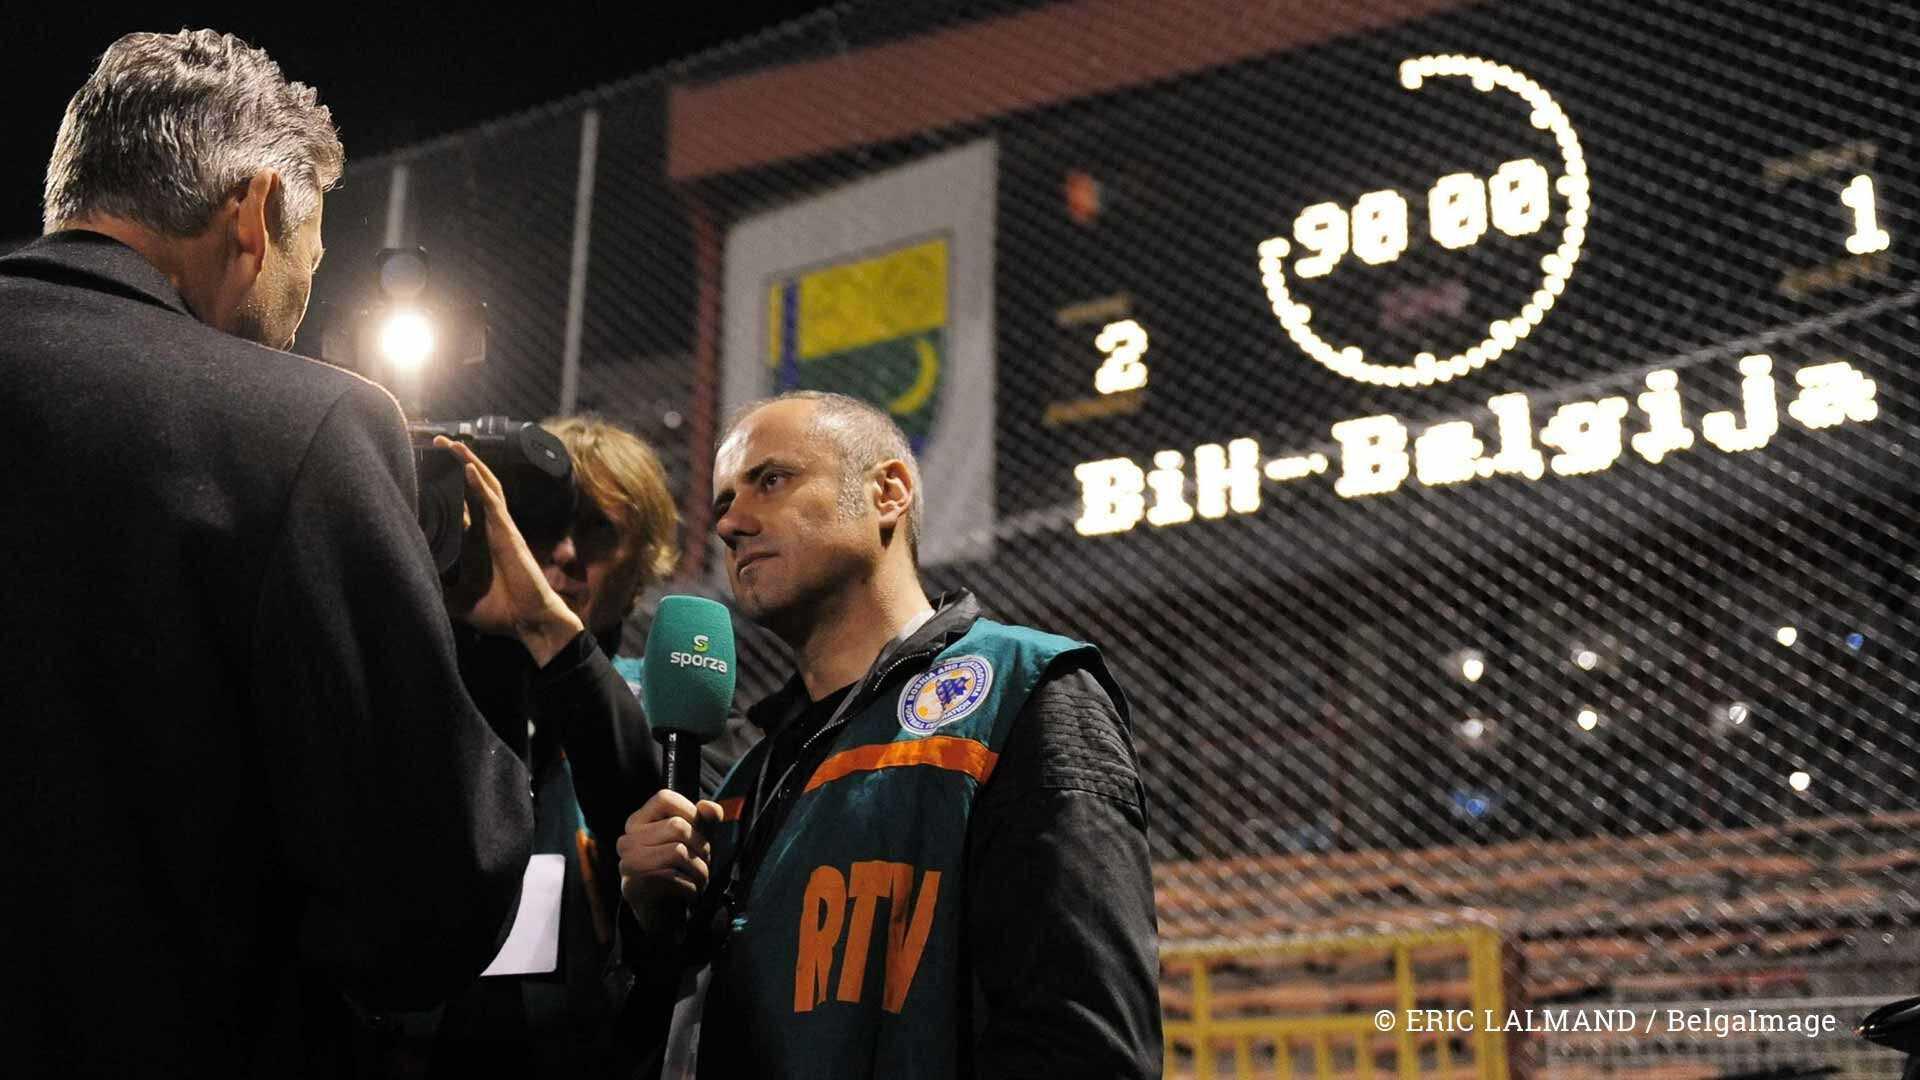 De uitspraken van sportjournalist Eddy Demarez